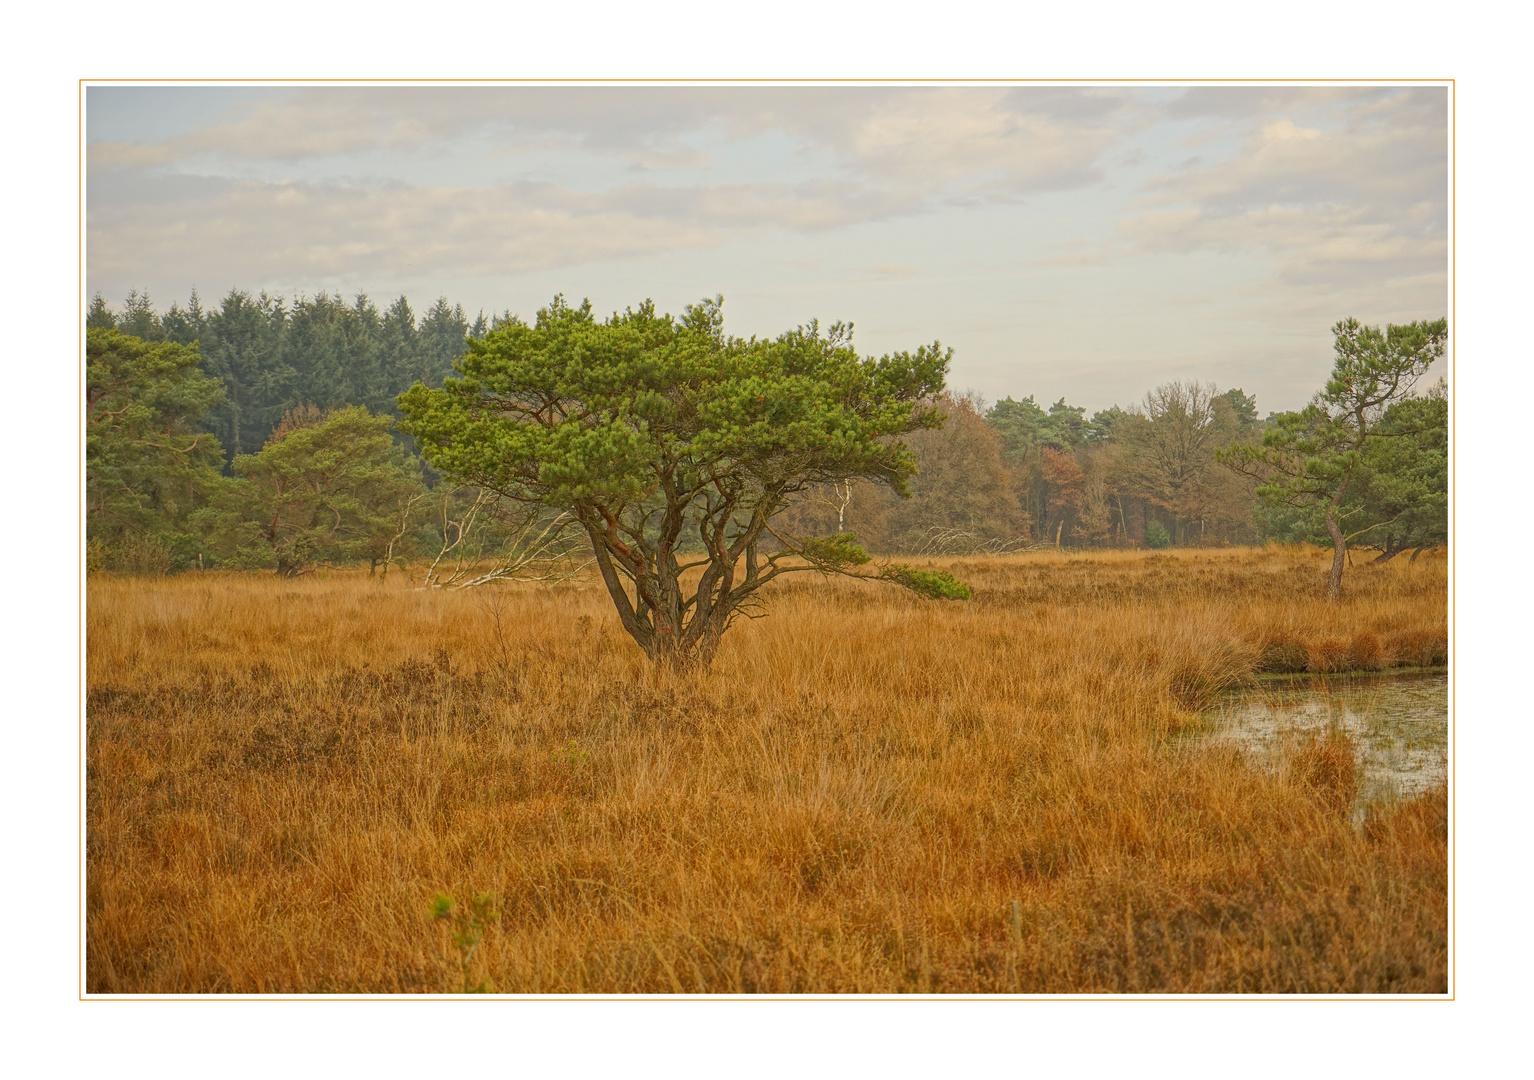 -Pinus sylvestris-